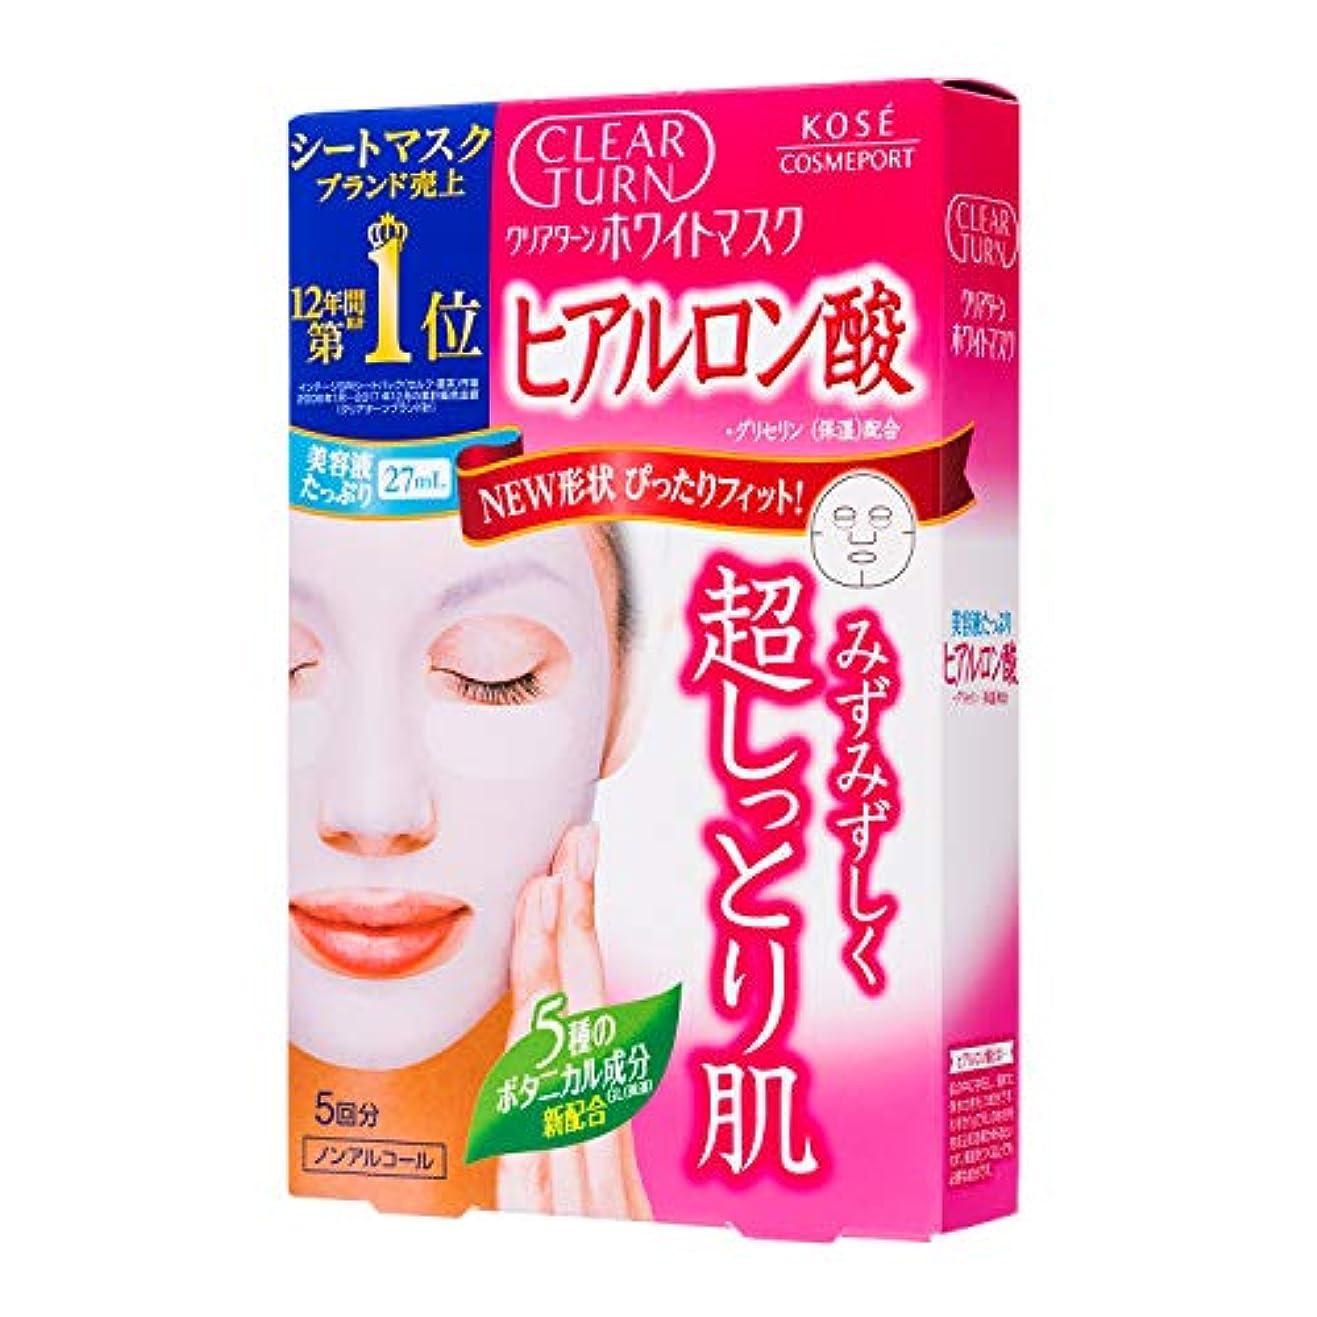 豆さびたクックKOSE クリアターン ホワイト マスク HA d (ヒアルロン酸) 5回分 (22mL×5)